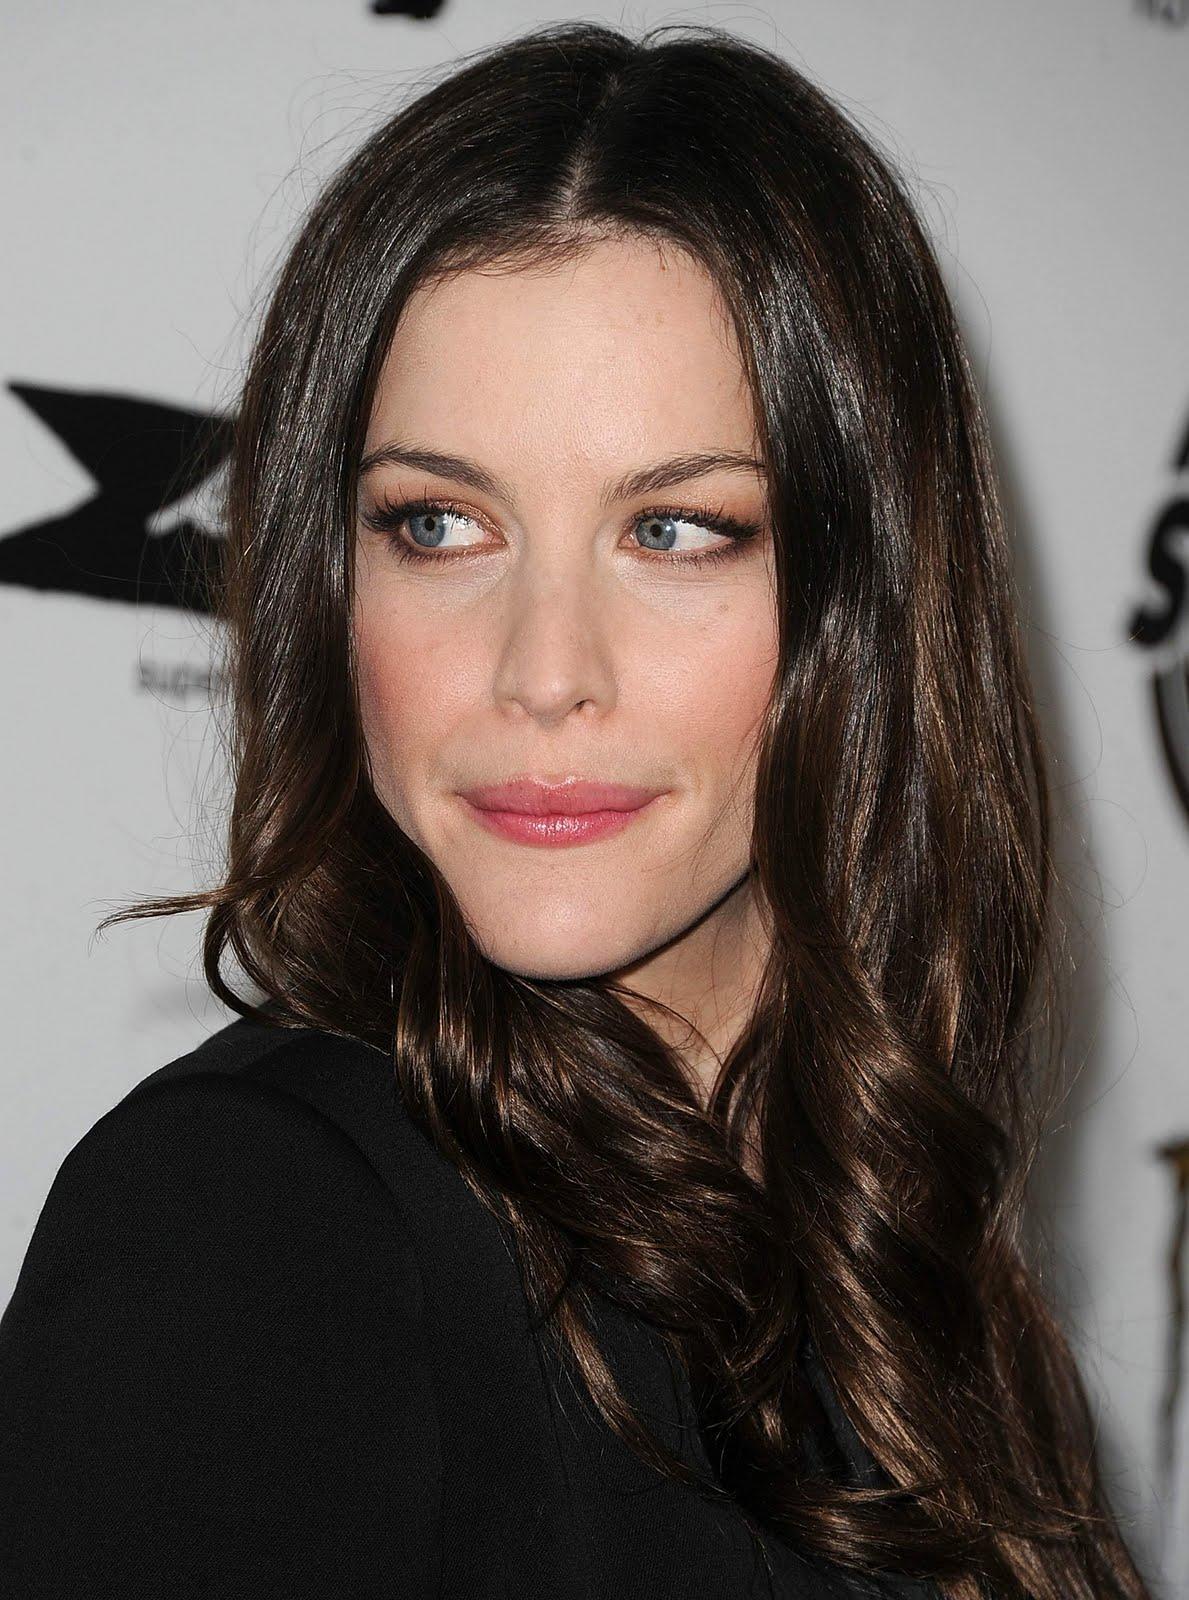 Celebrity Fakes > Images newest > Liv-Tyler | CFake.com